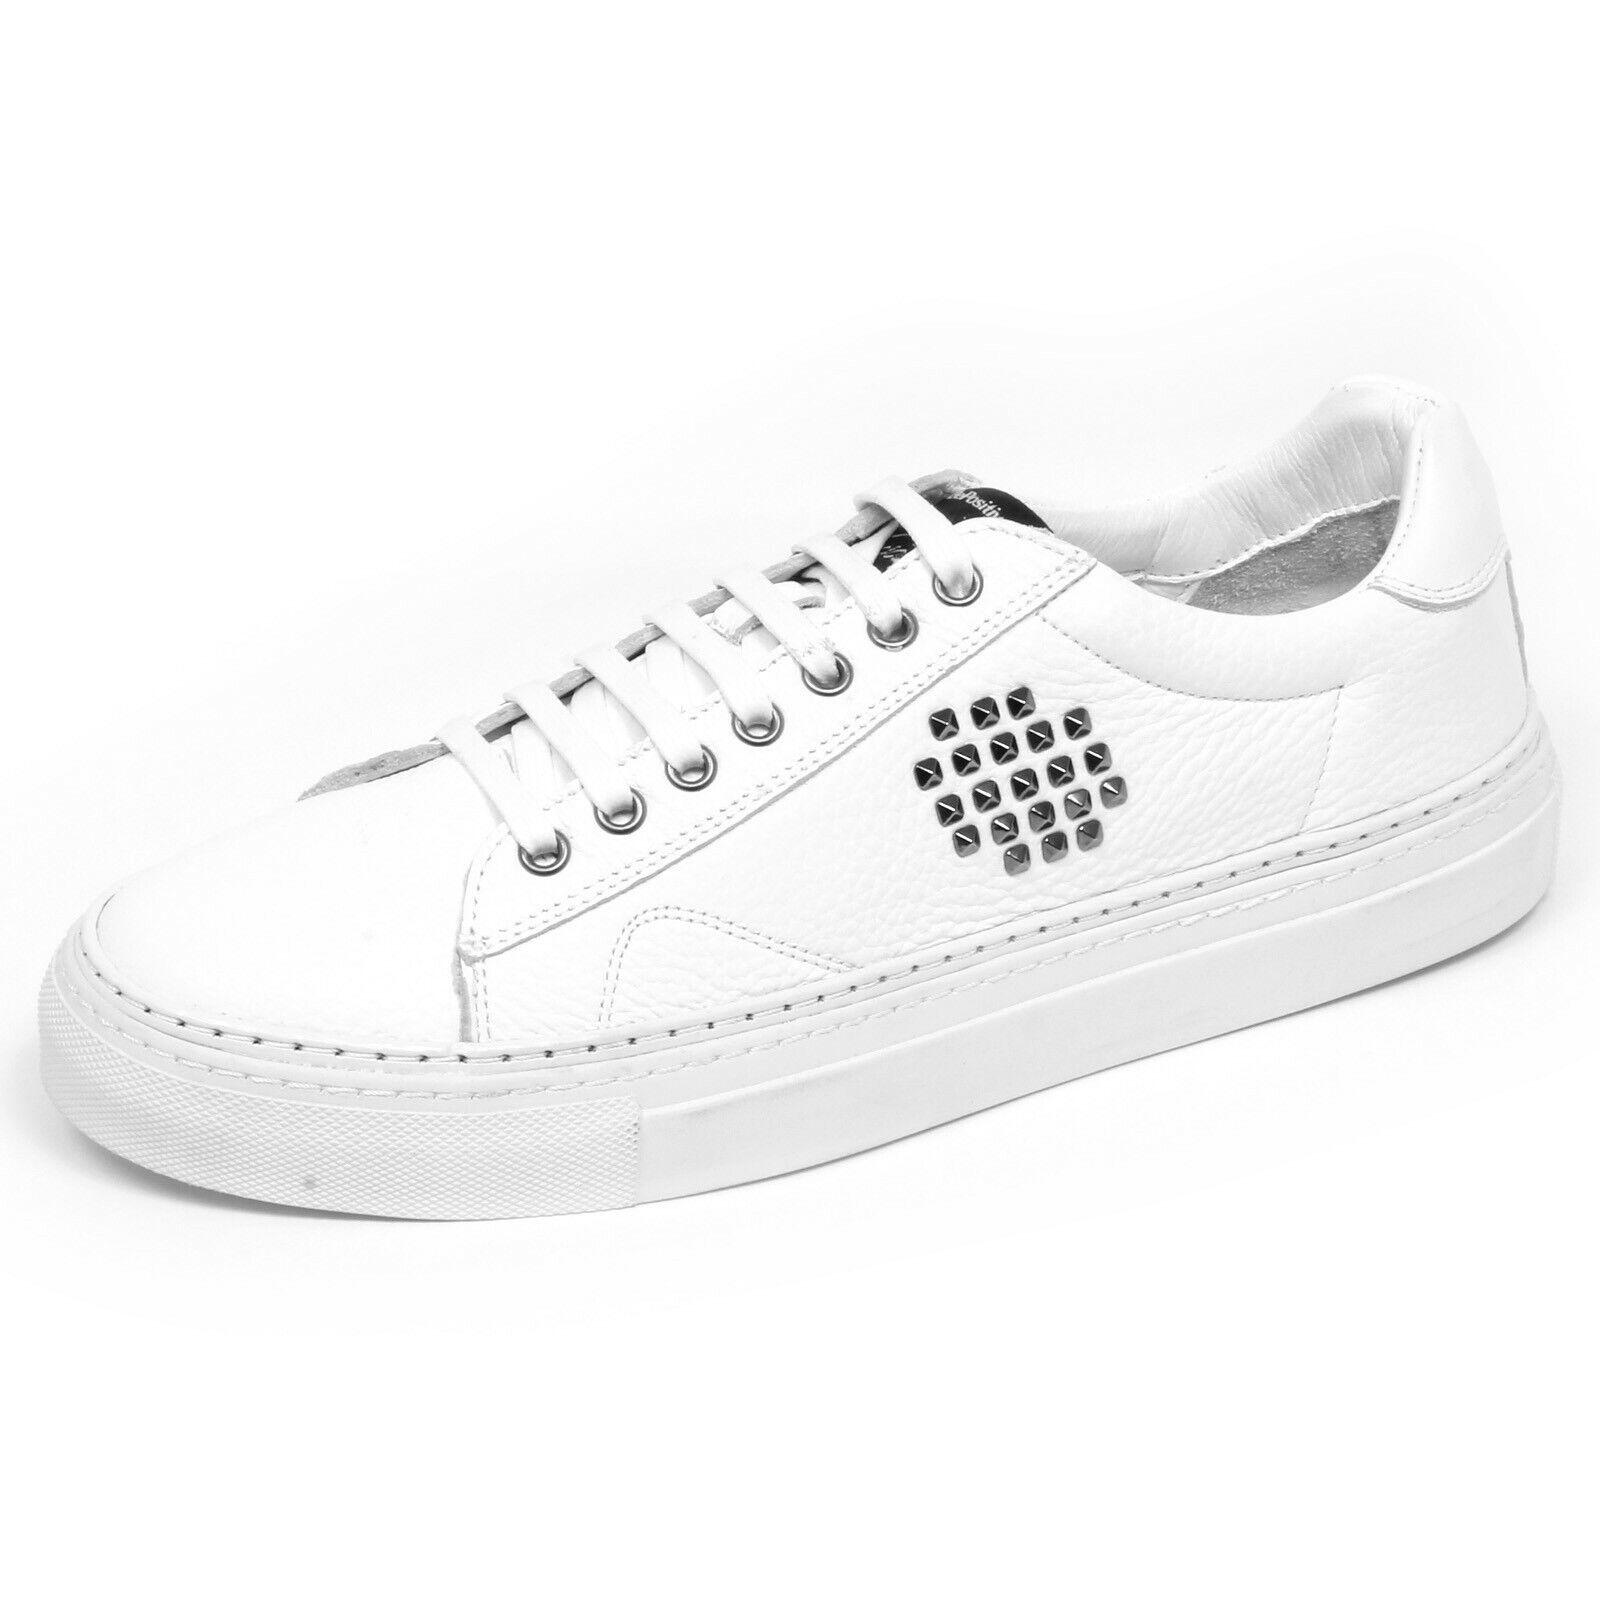 F6582 zapatilla de deporte hombres blancoo BEPOSITIVE X veezapatos Vintage Efecto Zapato hombre